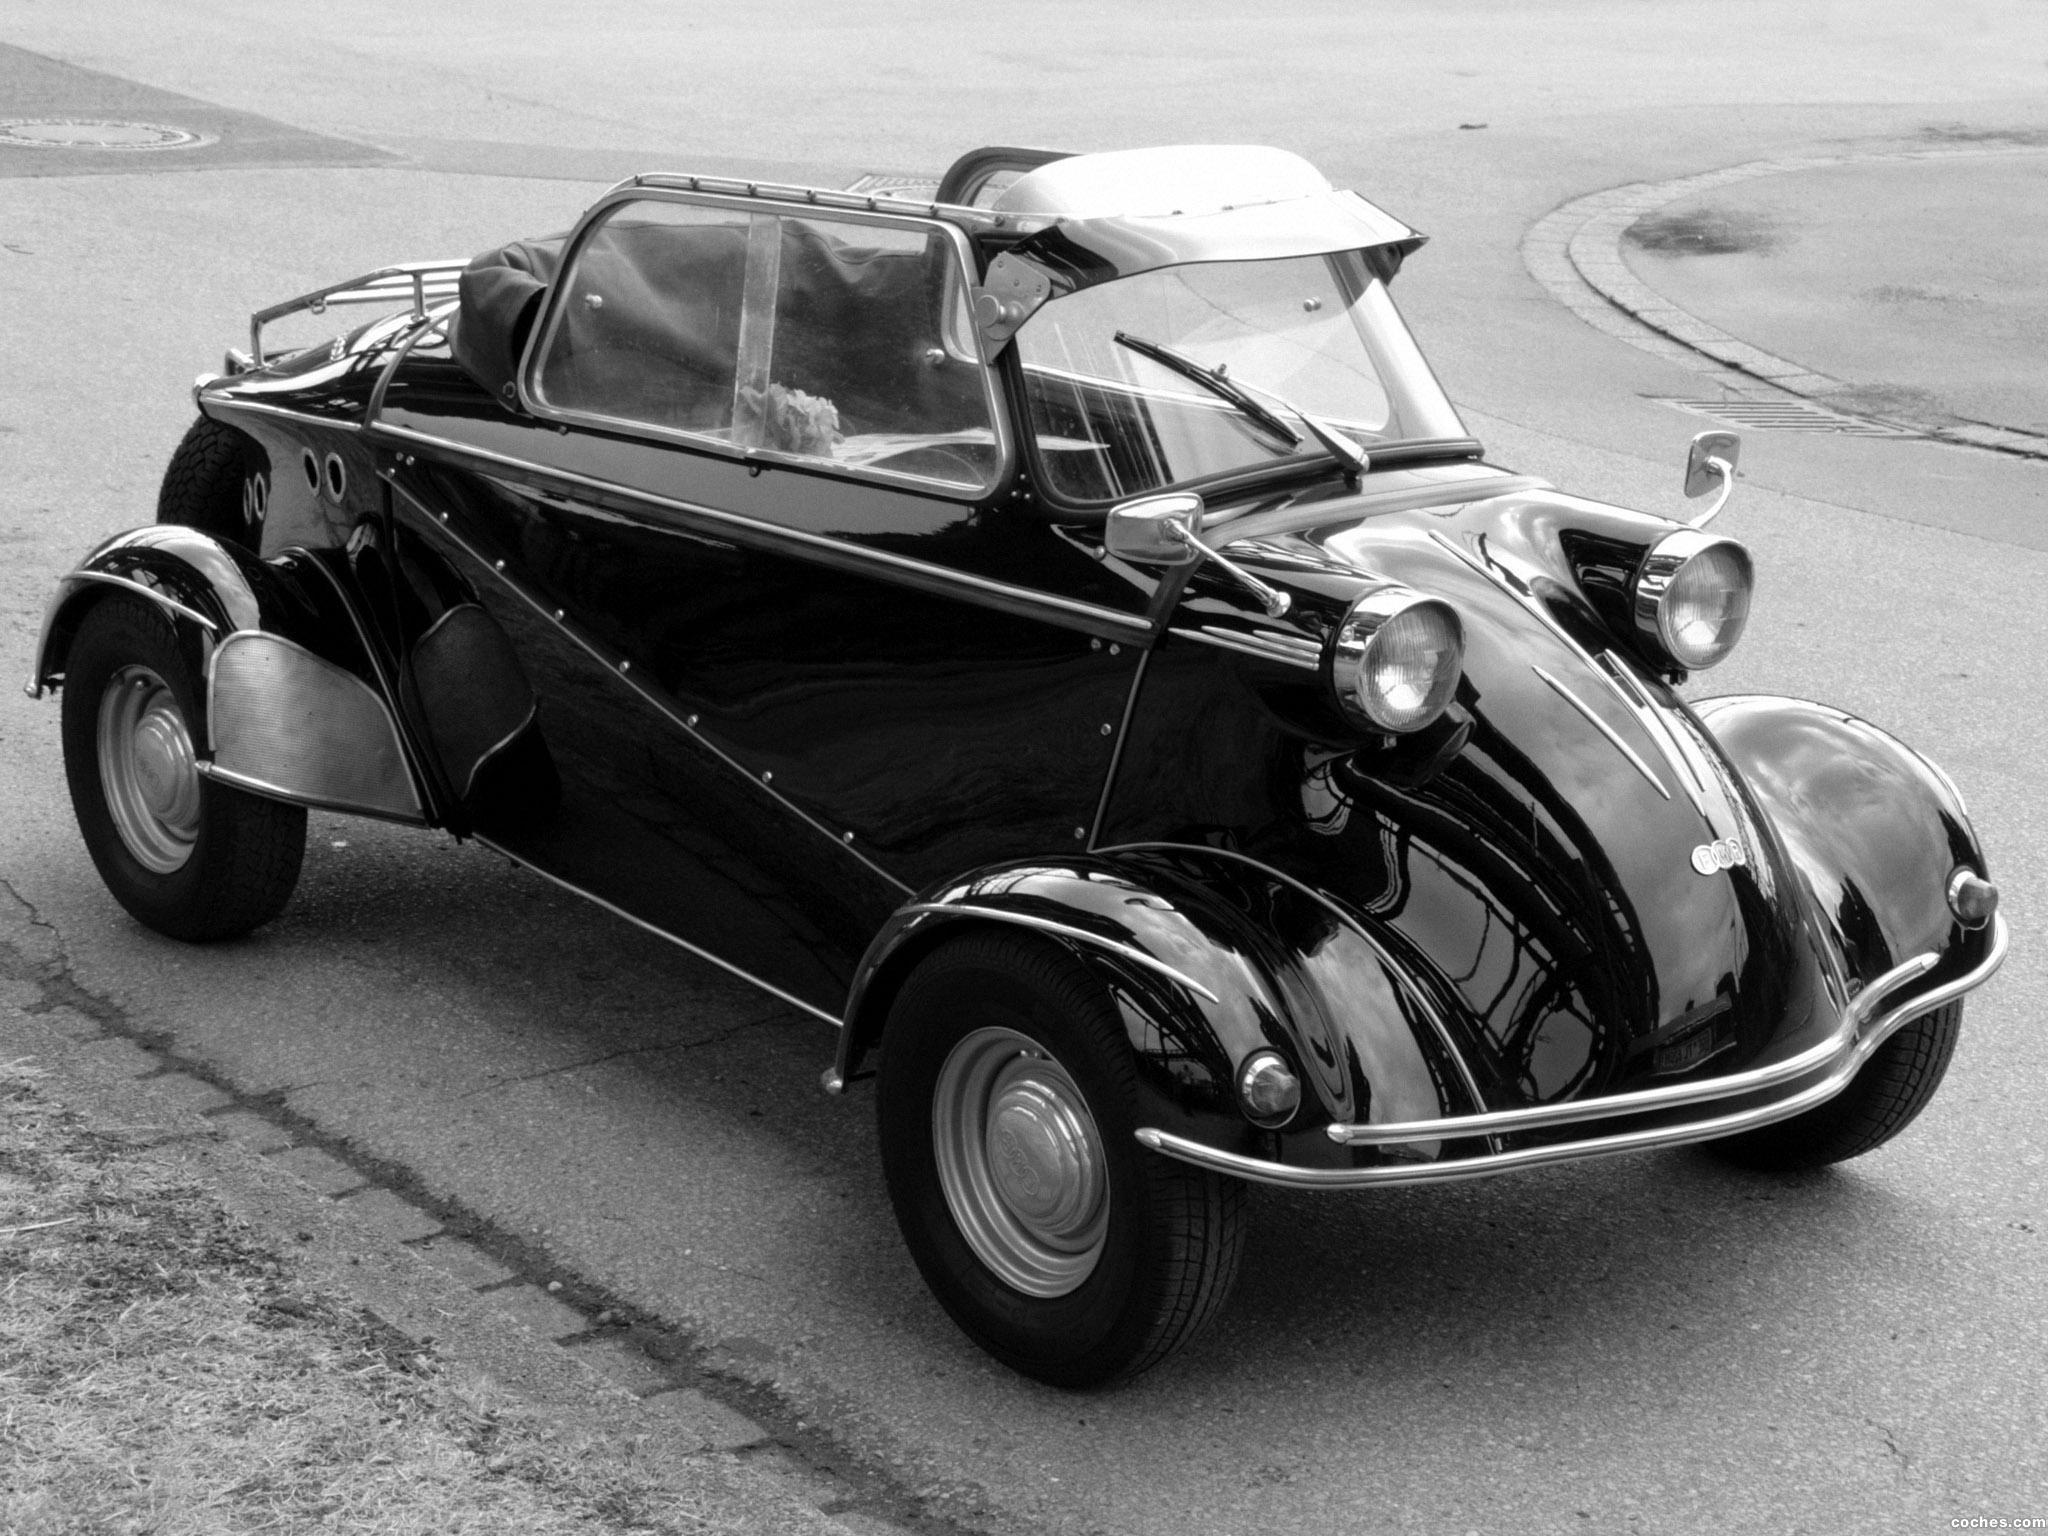 Foto 0 de Messerschmitt FMR TG500 Tiger Cabriolet 1959